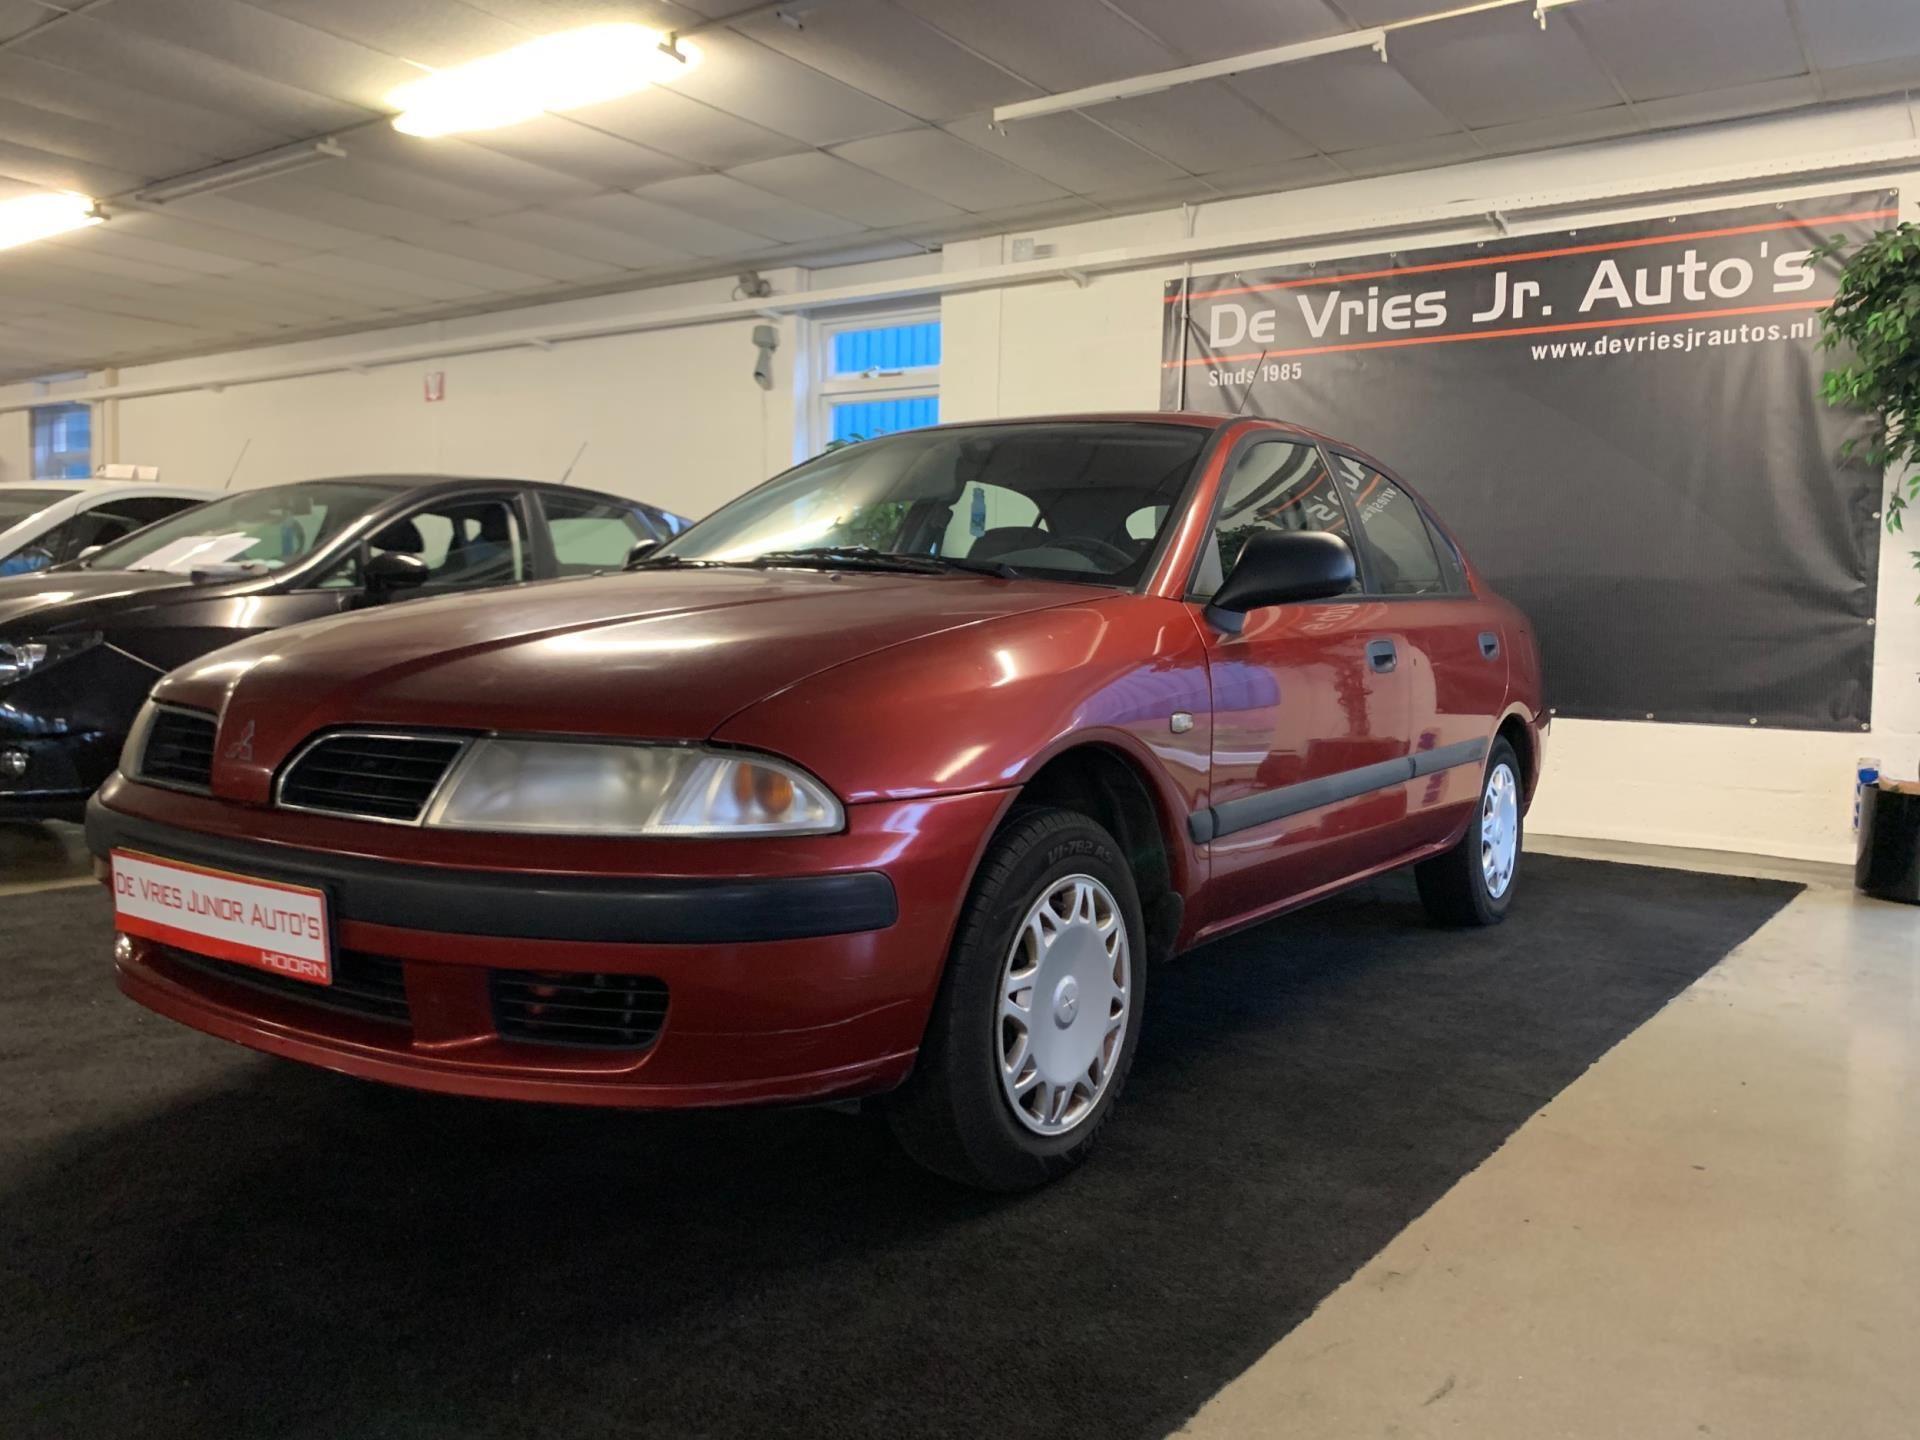 Mitsubishi Carisma occasion - De Vries Junior Auto's